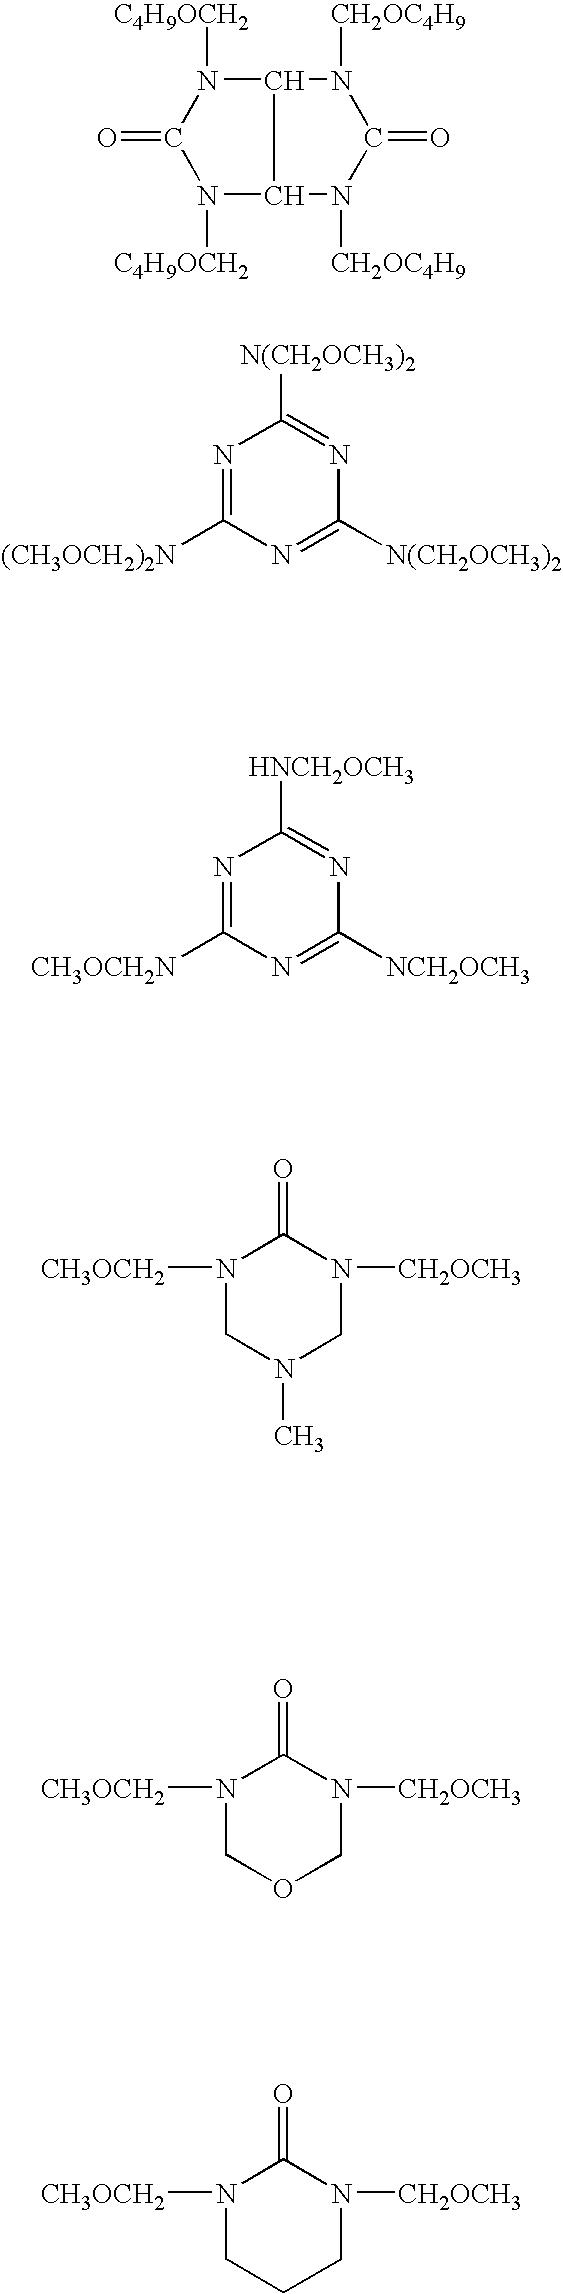 Figure US07944055-20110517-C00004